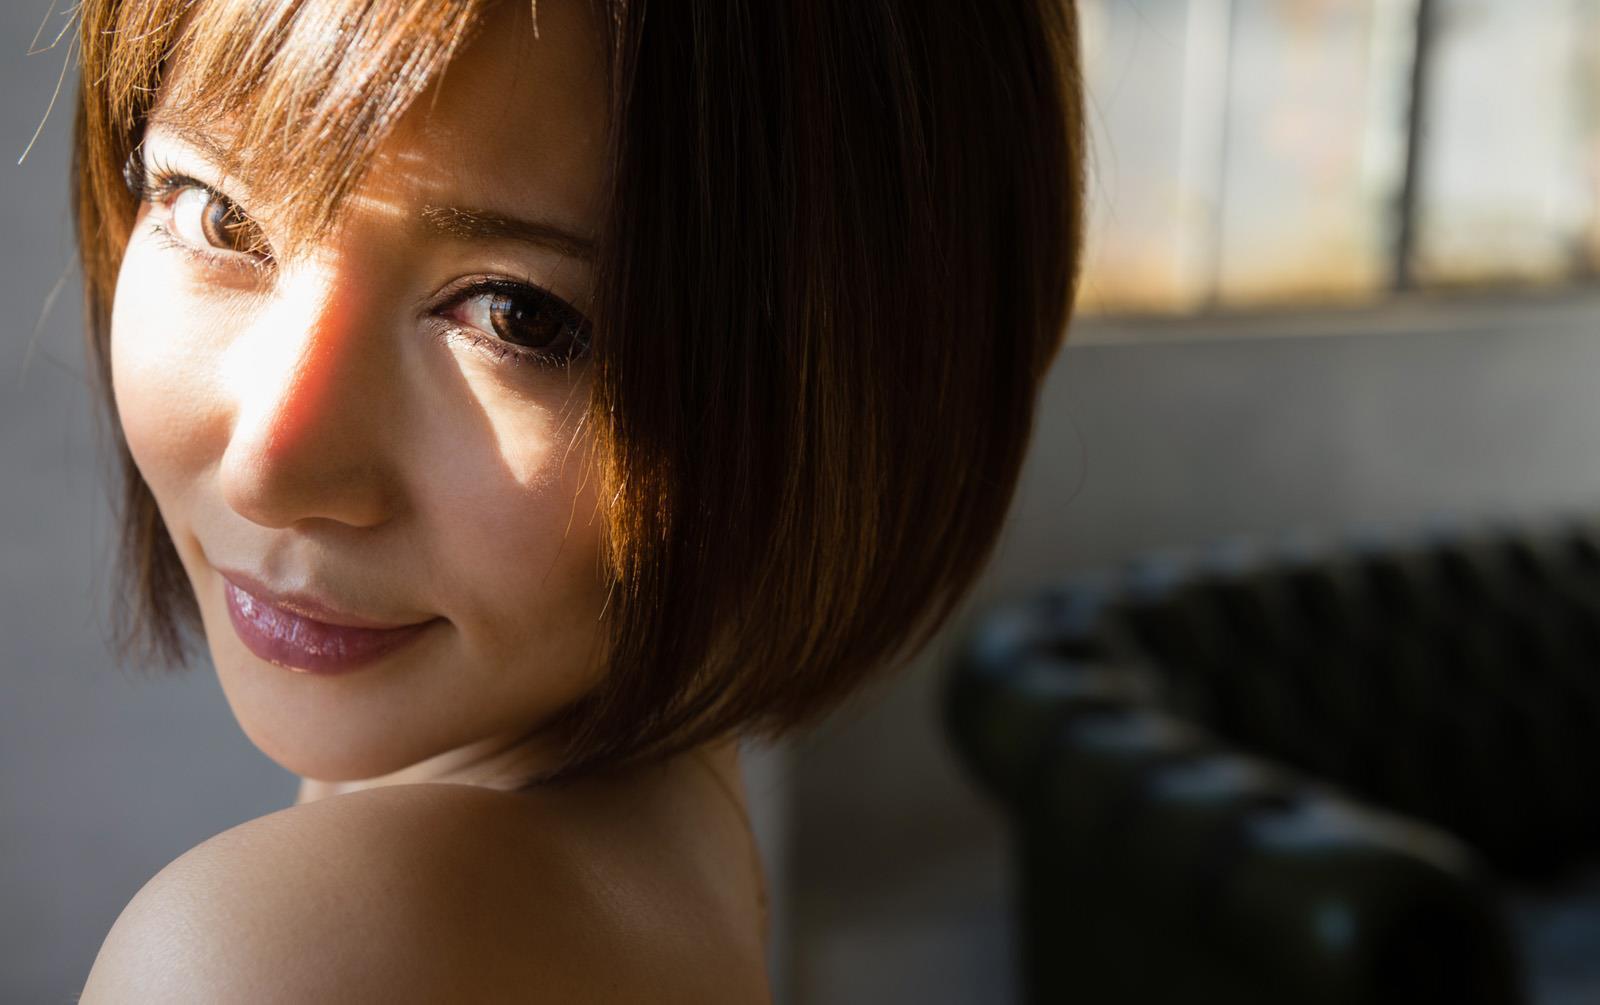 里美ゆりあ(小泉彩) ヌード画像 28